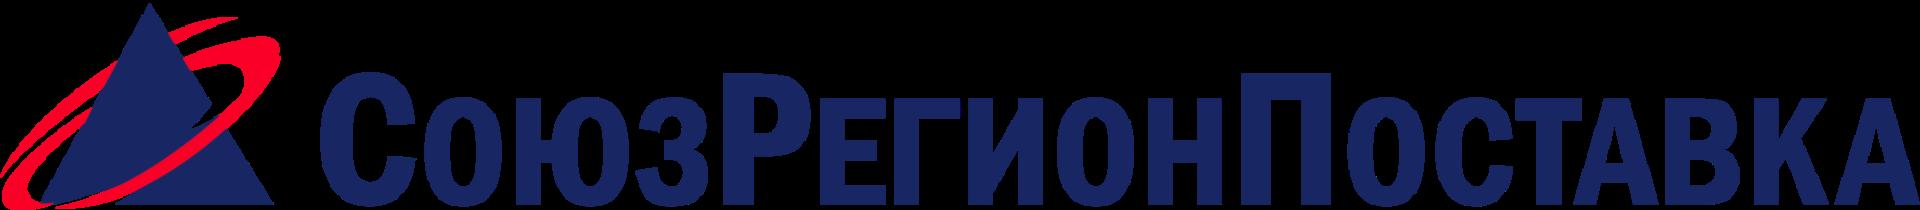 СоюзРегионПоставка - производство полного цикла с 1997 года. Санкт-Петербург.